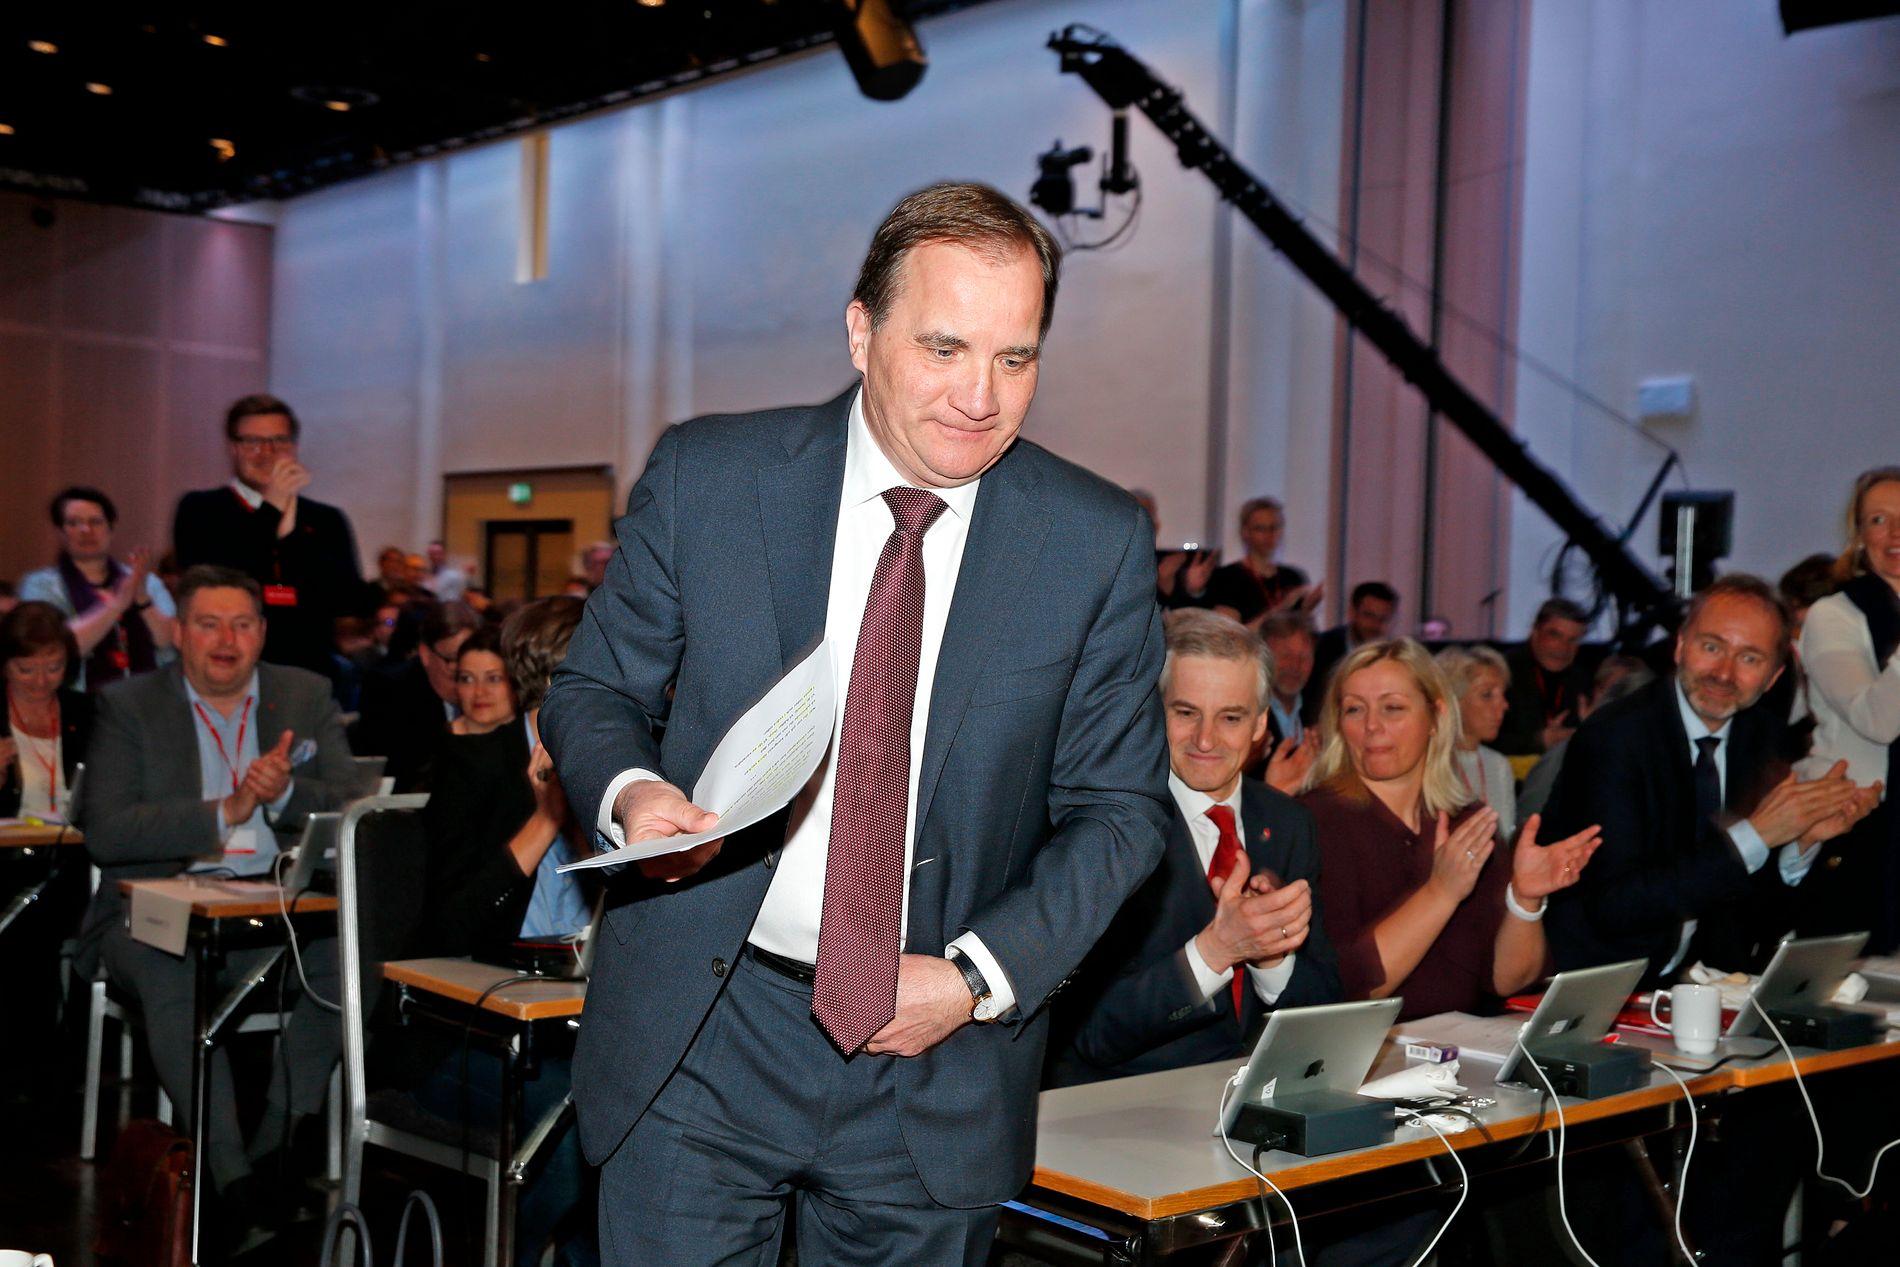 MISTILLITSFORSLAG: Sveriges statsminister Stefan Löfven må nå svare for kritikken i det flere av de svenske partiene, på begge sider, vurderer å stille hans regjering til mistillit. Her på Arbeiderpartiets landsmøte i april.